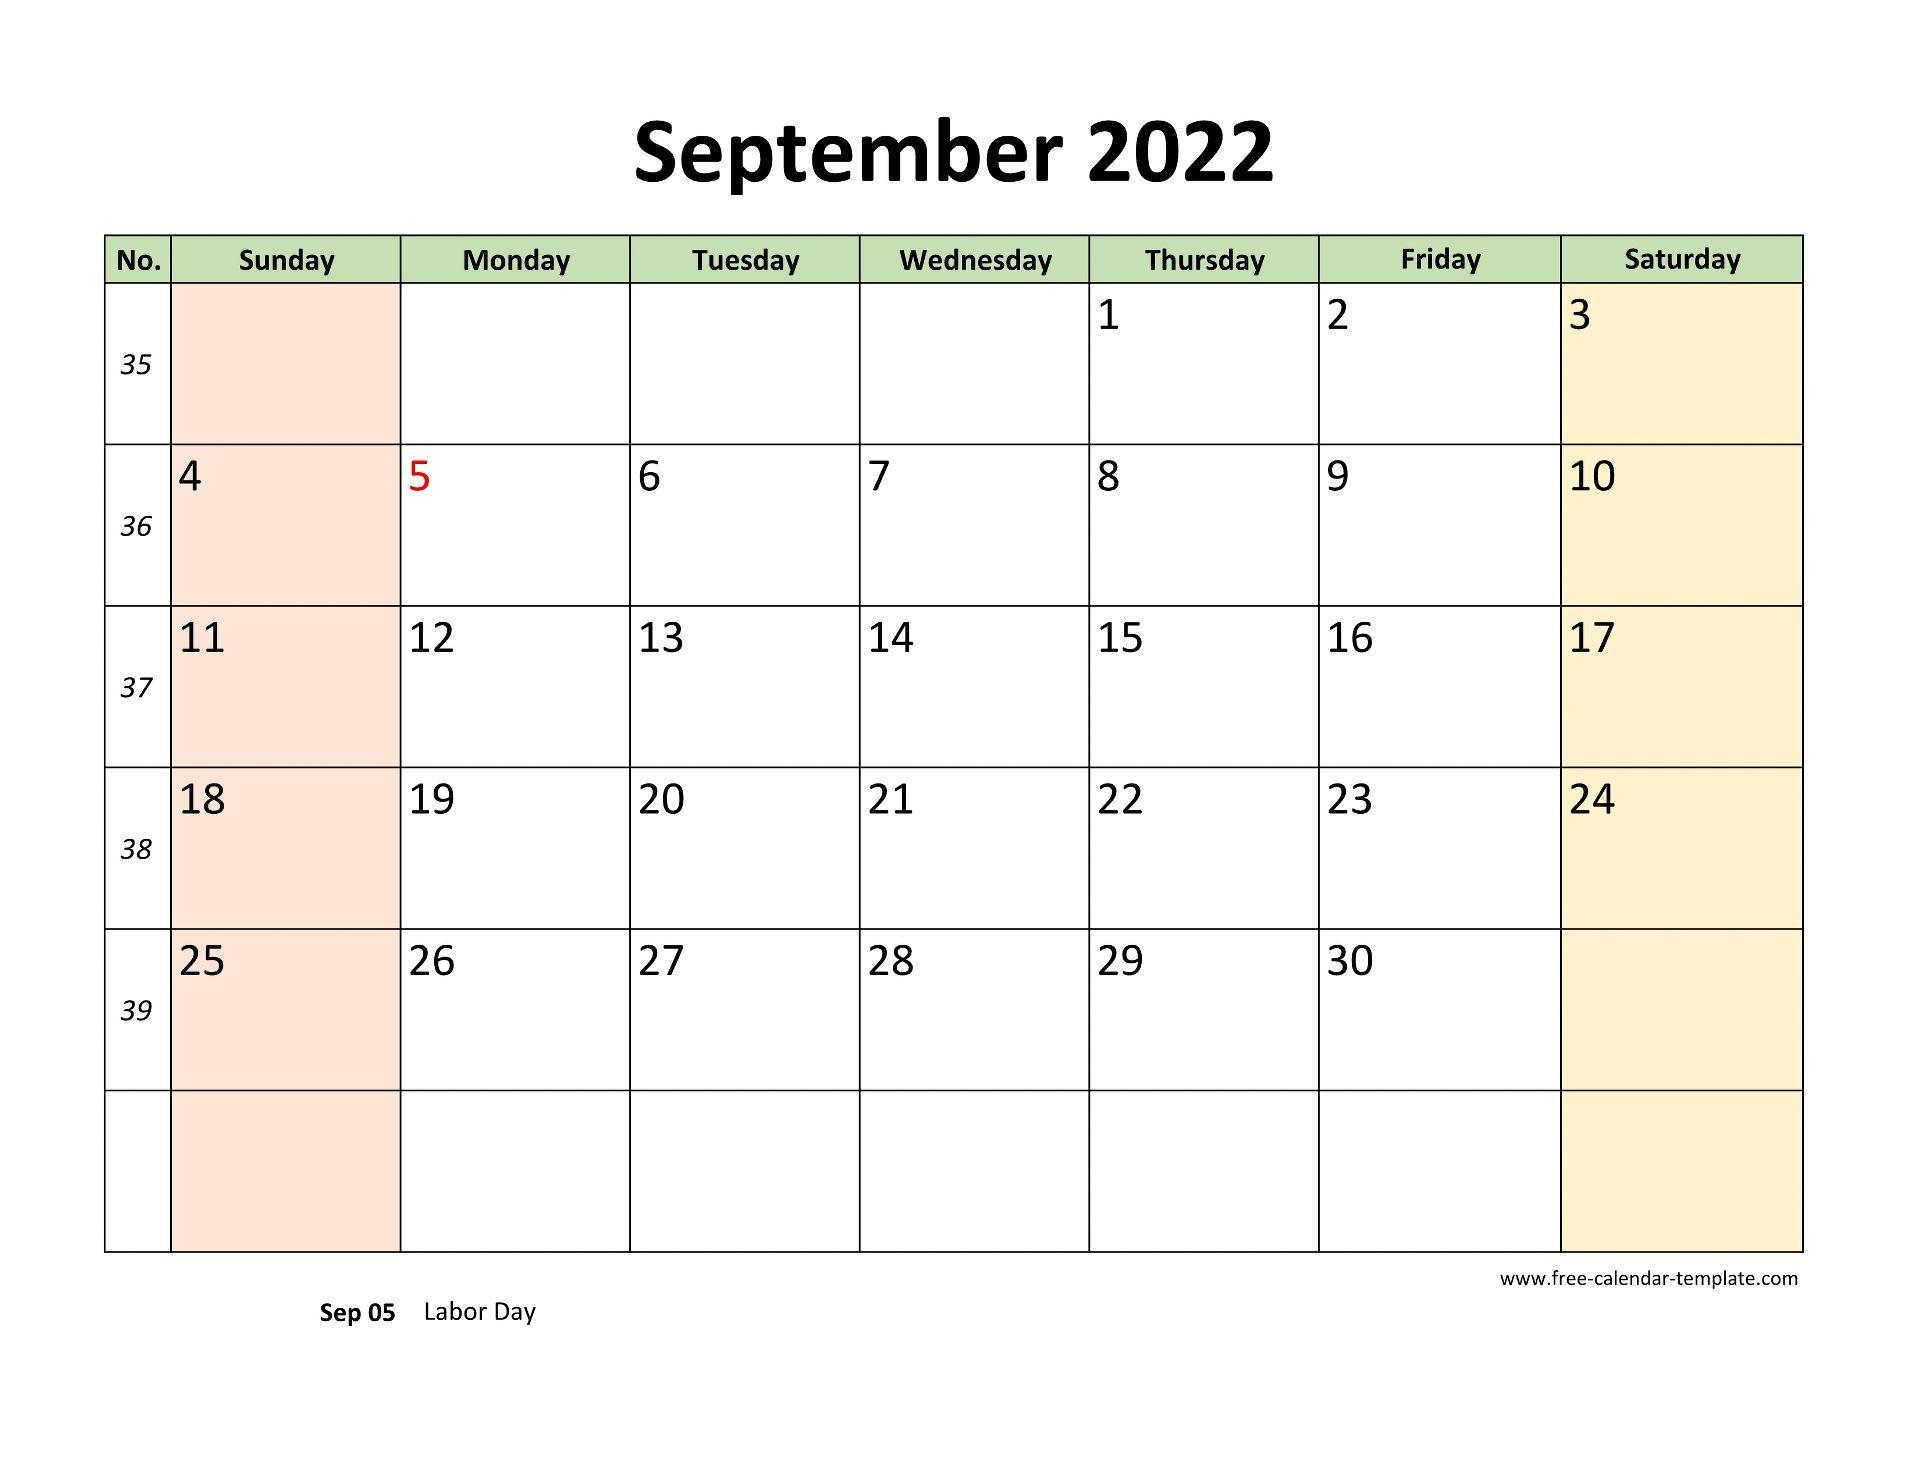 September 2022 Free Calendar Tempplate | Free-calendar ...